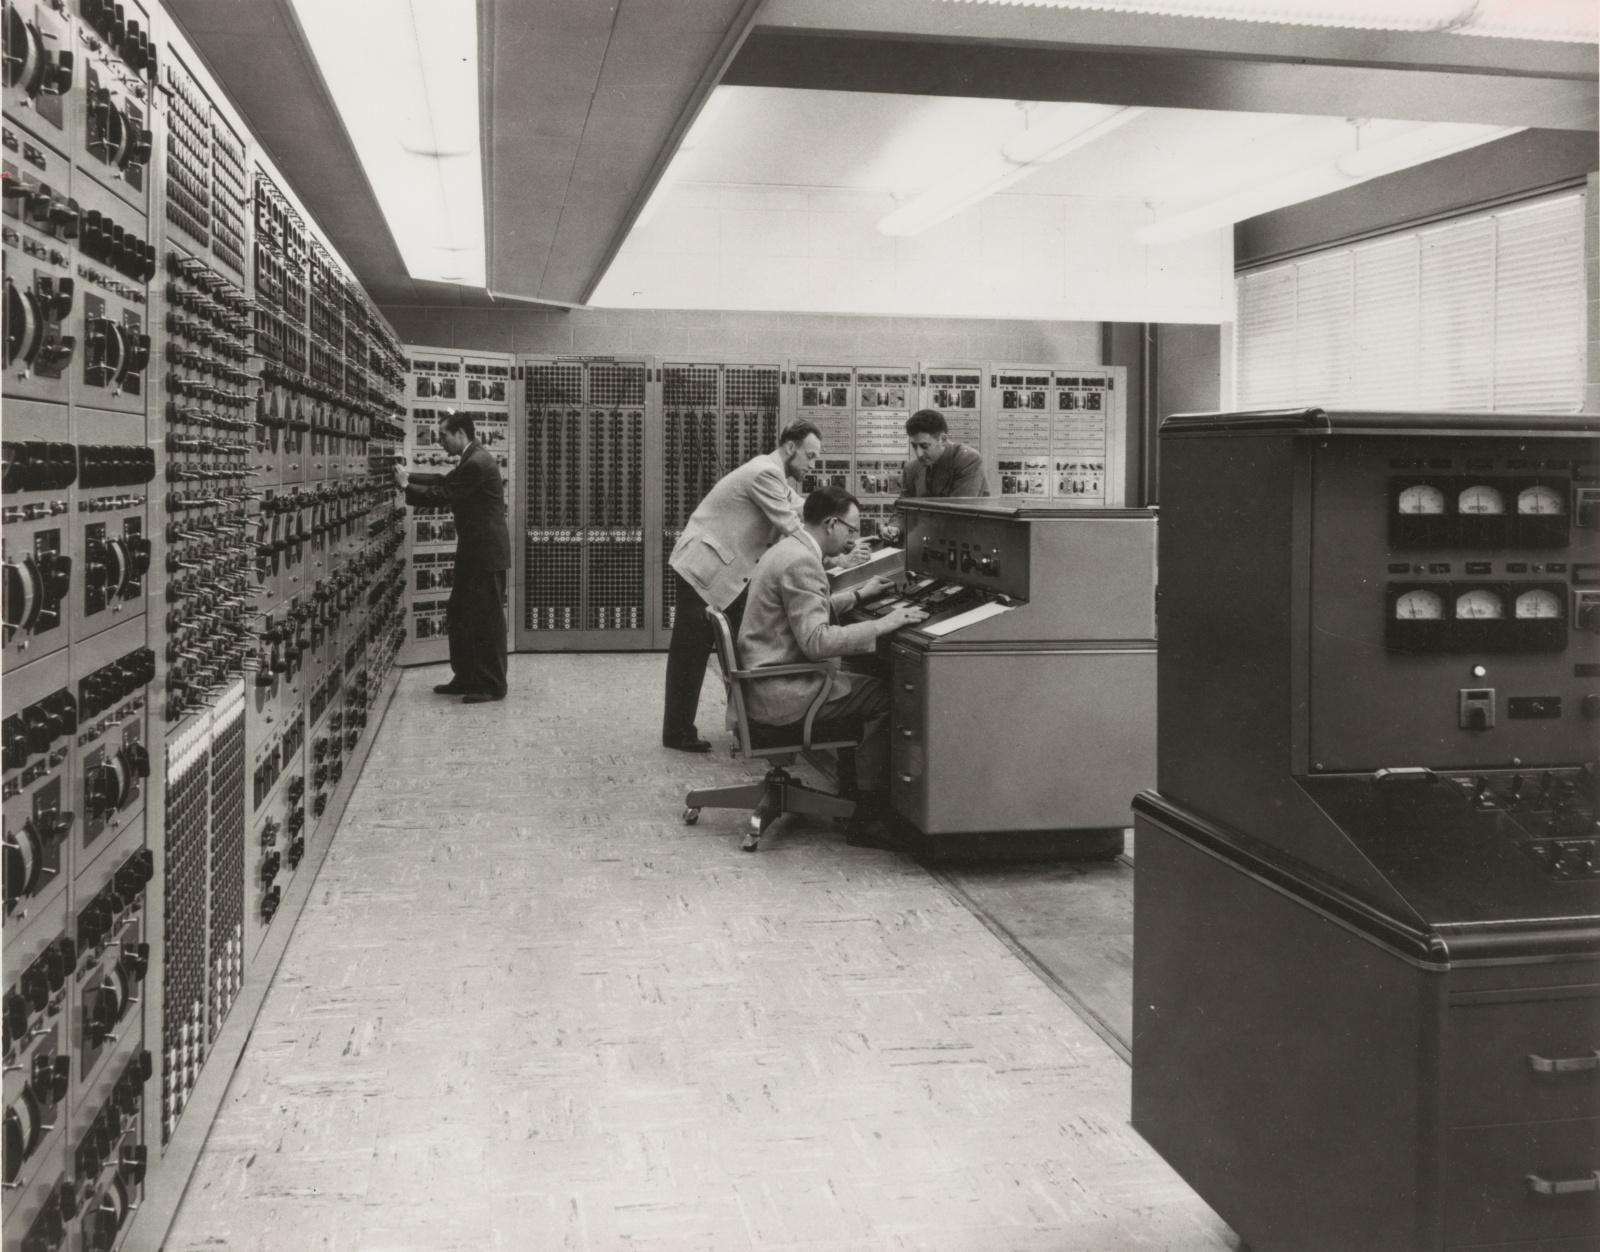 Модификация, восстановление и кончина аналогового компьютера за $3 млн - 2